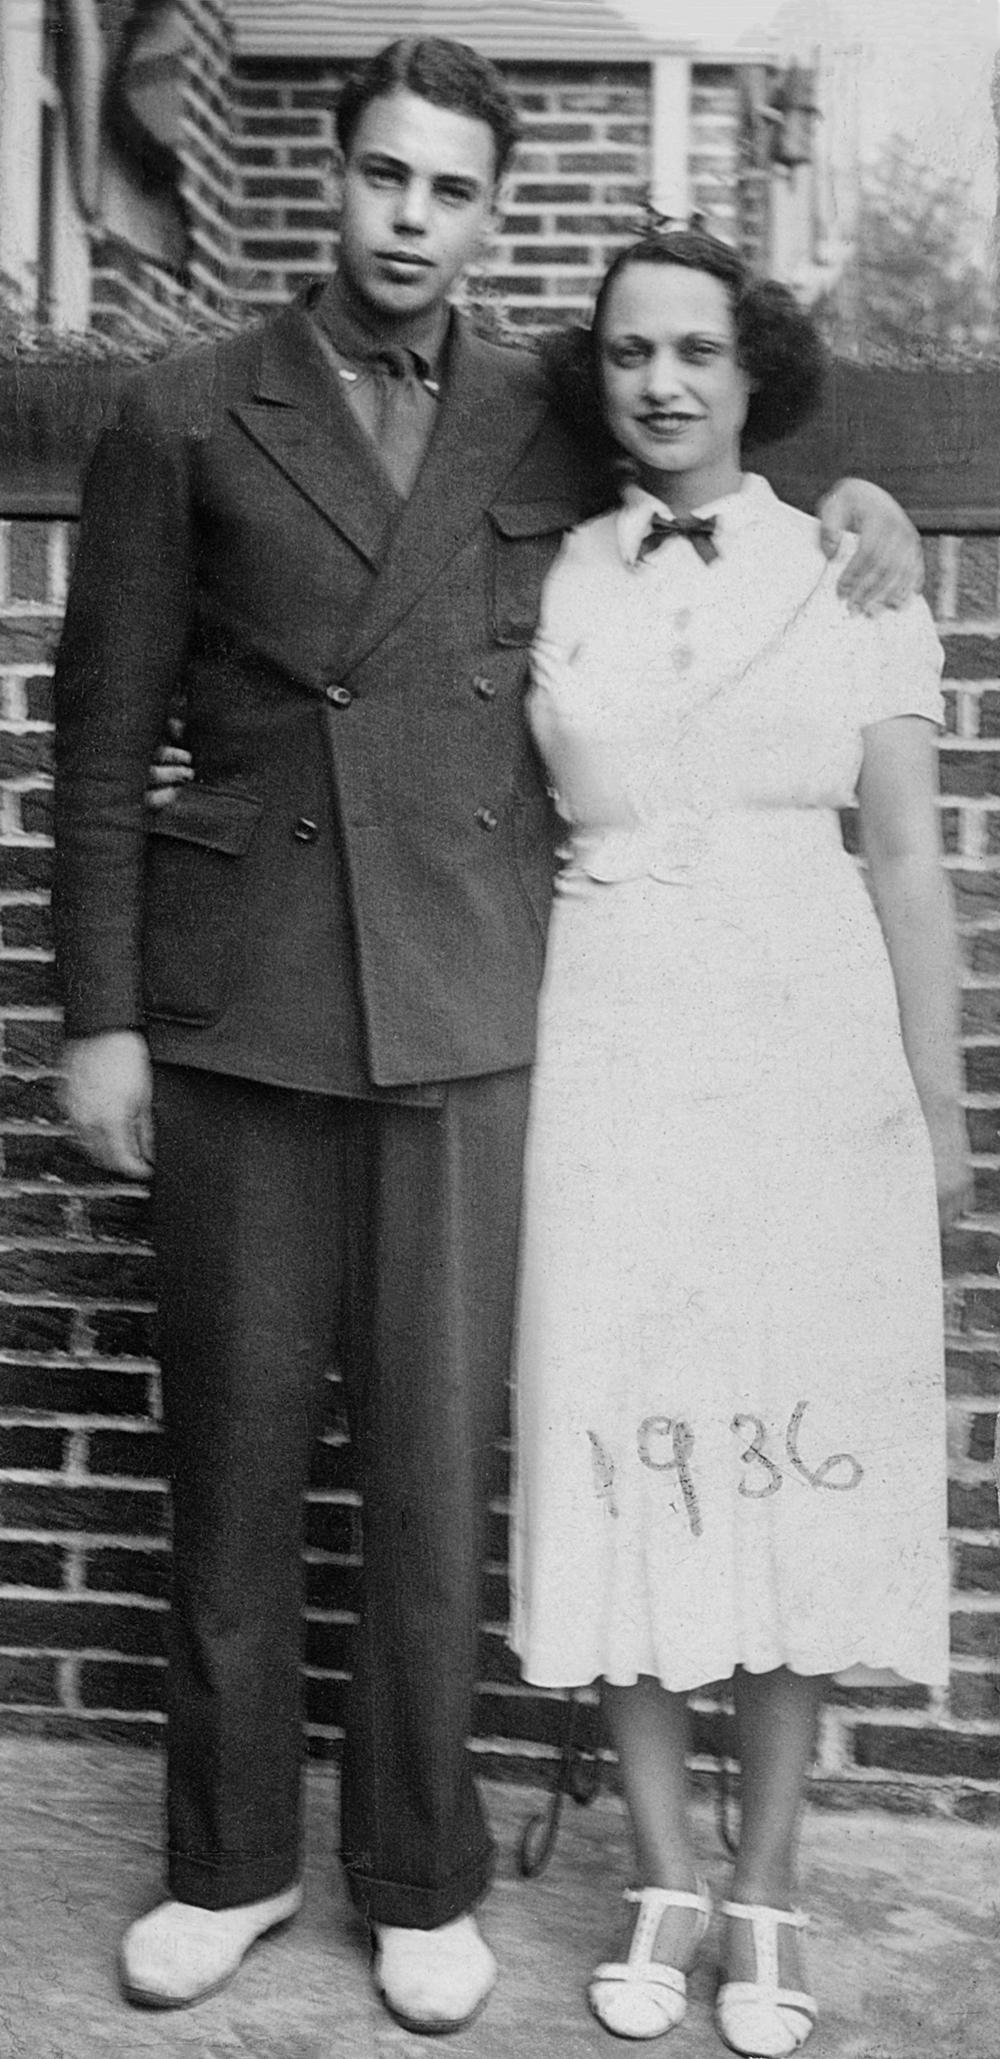 Doug and Kathryn, 1936